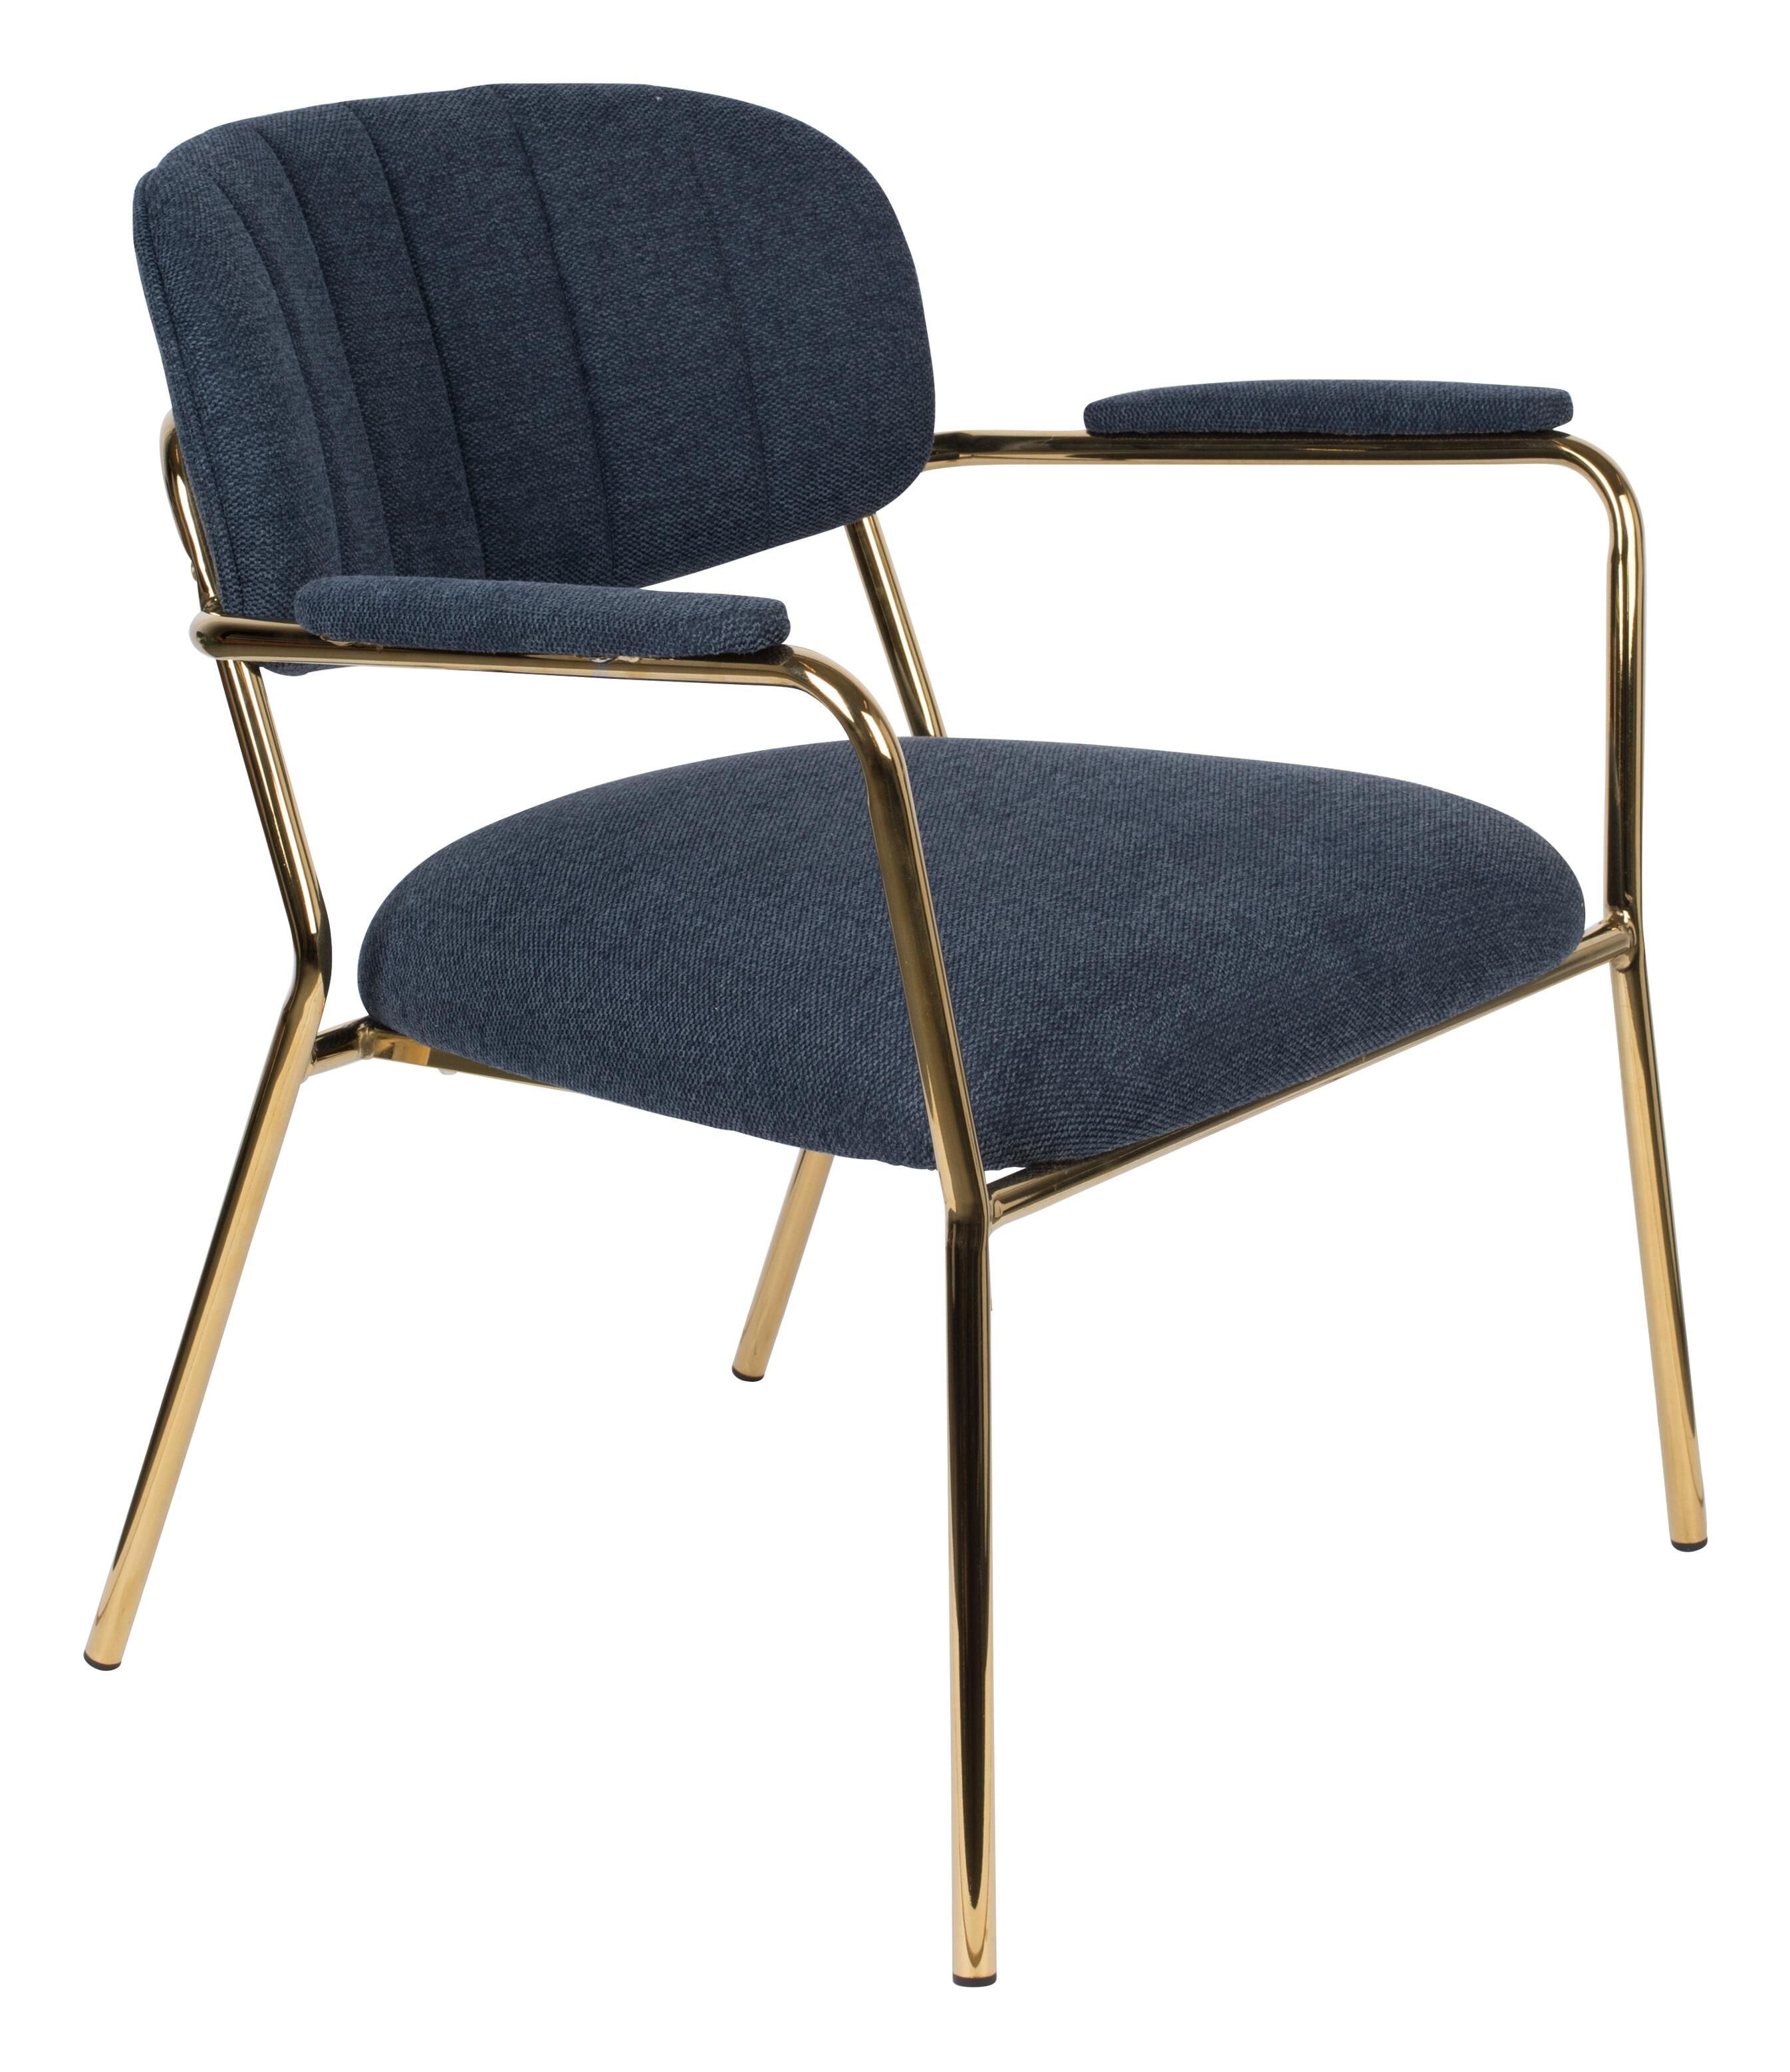 ZILT Fauteuil 'Kolten' met armleuning, kleur Goud/Donkerblauw